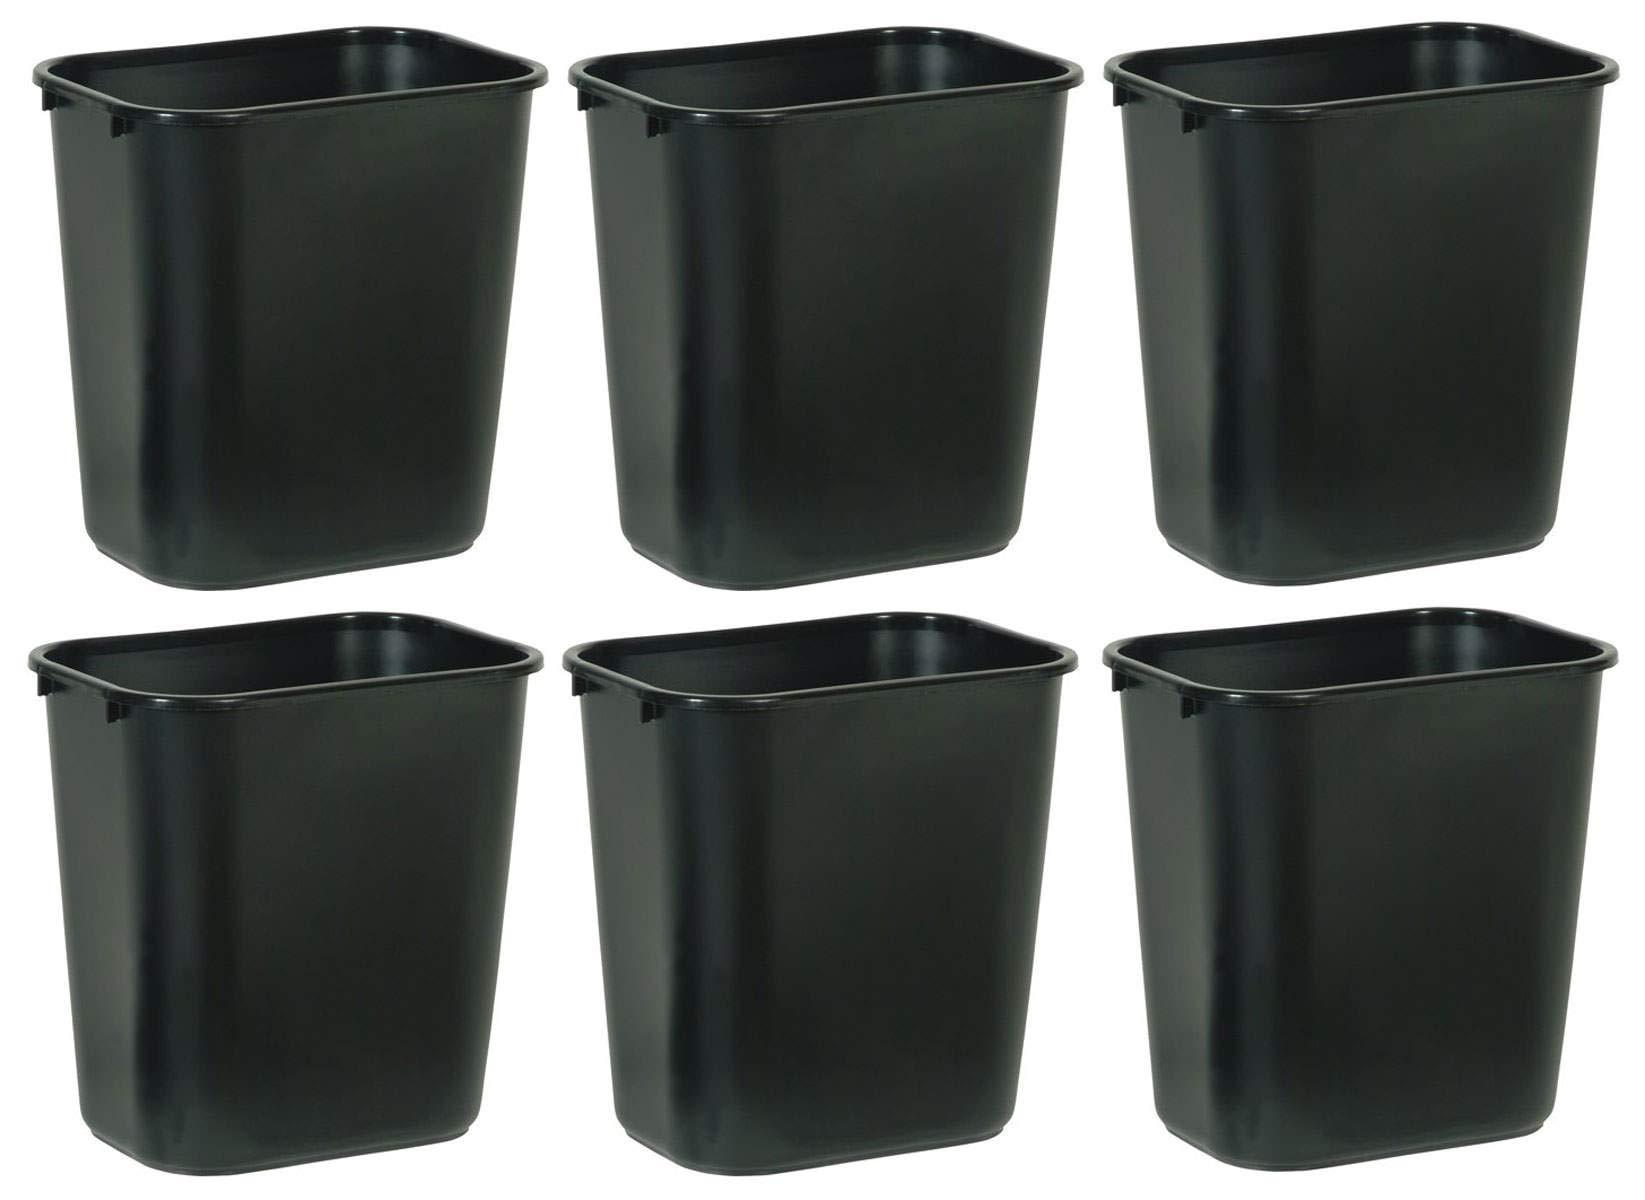 Rubbermaid Commercial Products SLTYGJHJ FG295600BLA Plastic Deskside Wastebasket, 28-1/8-quart, Black, 6 Pack